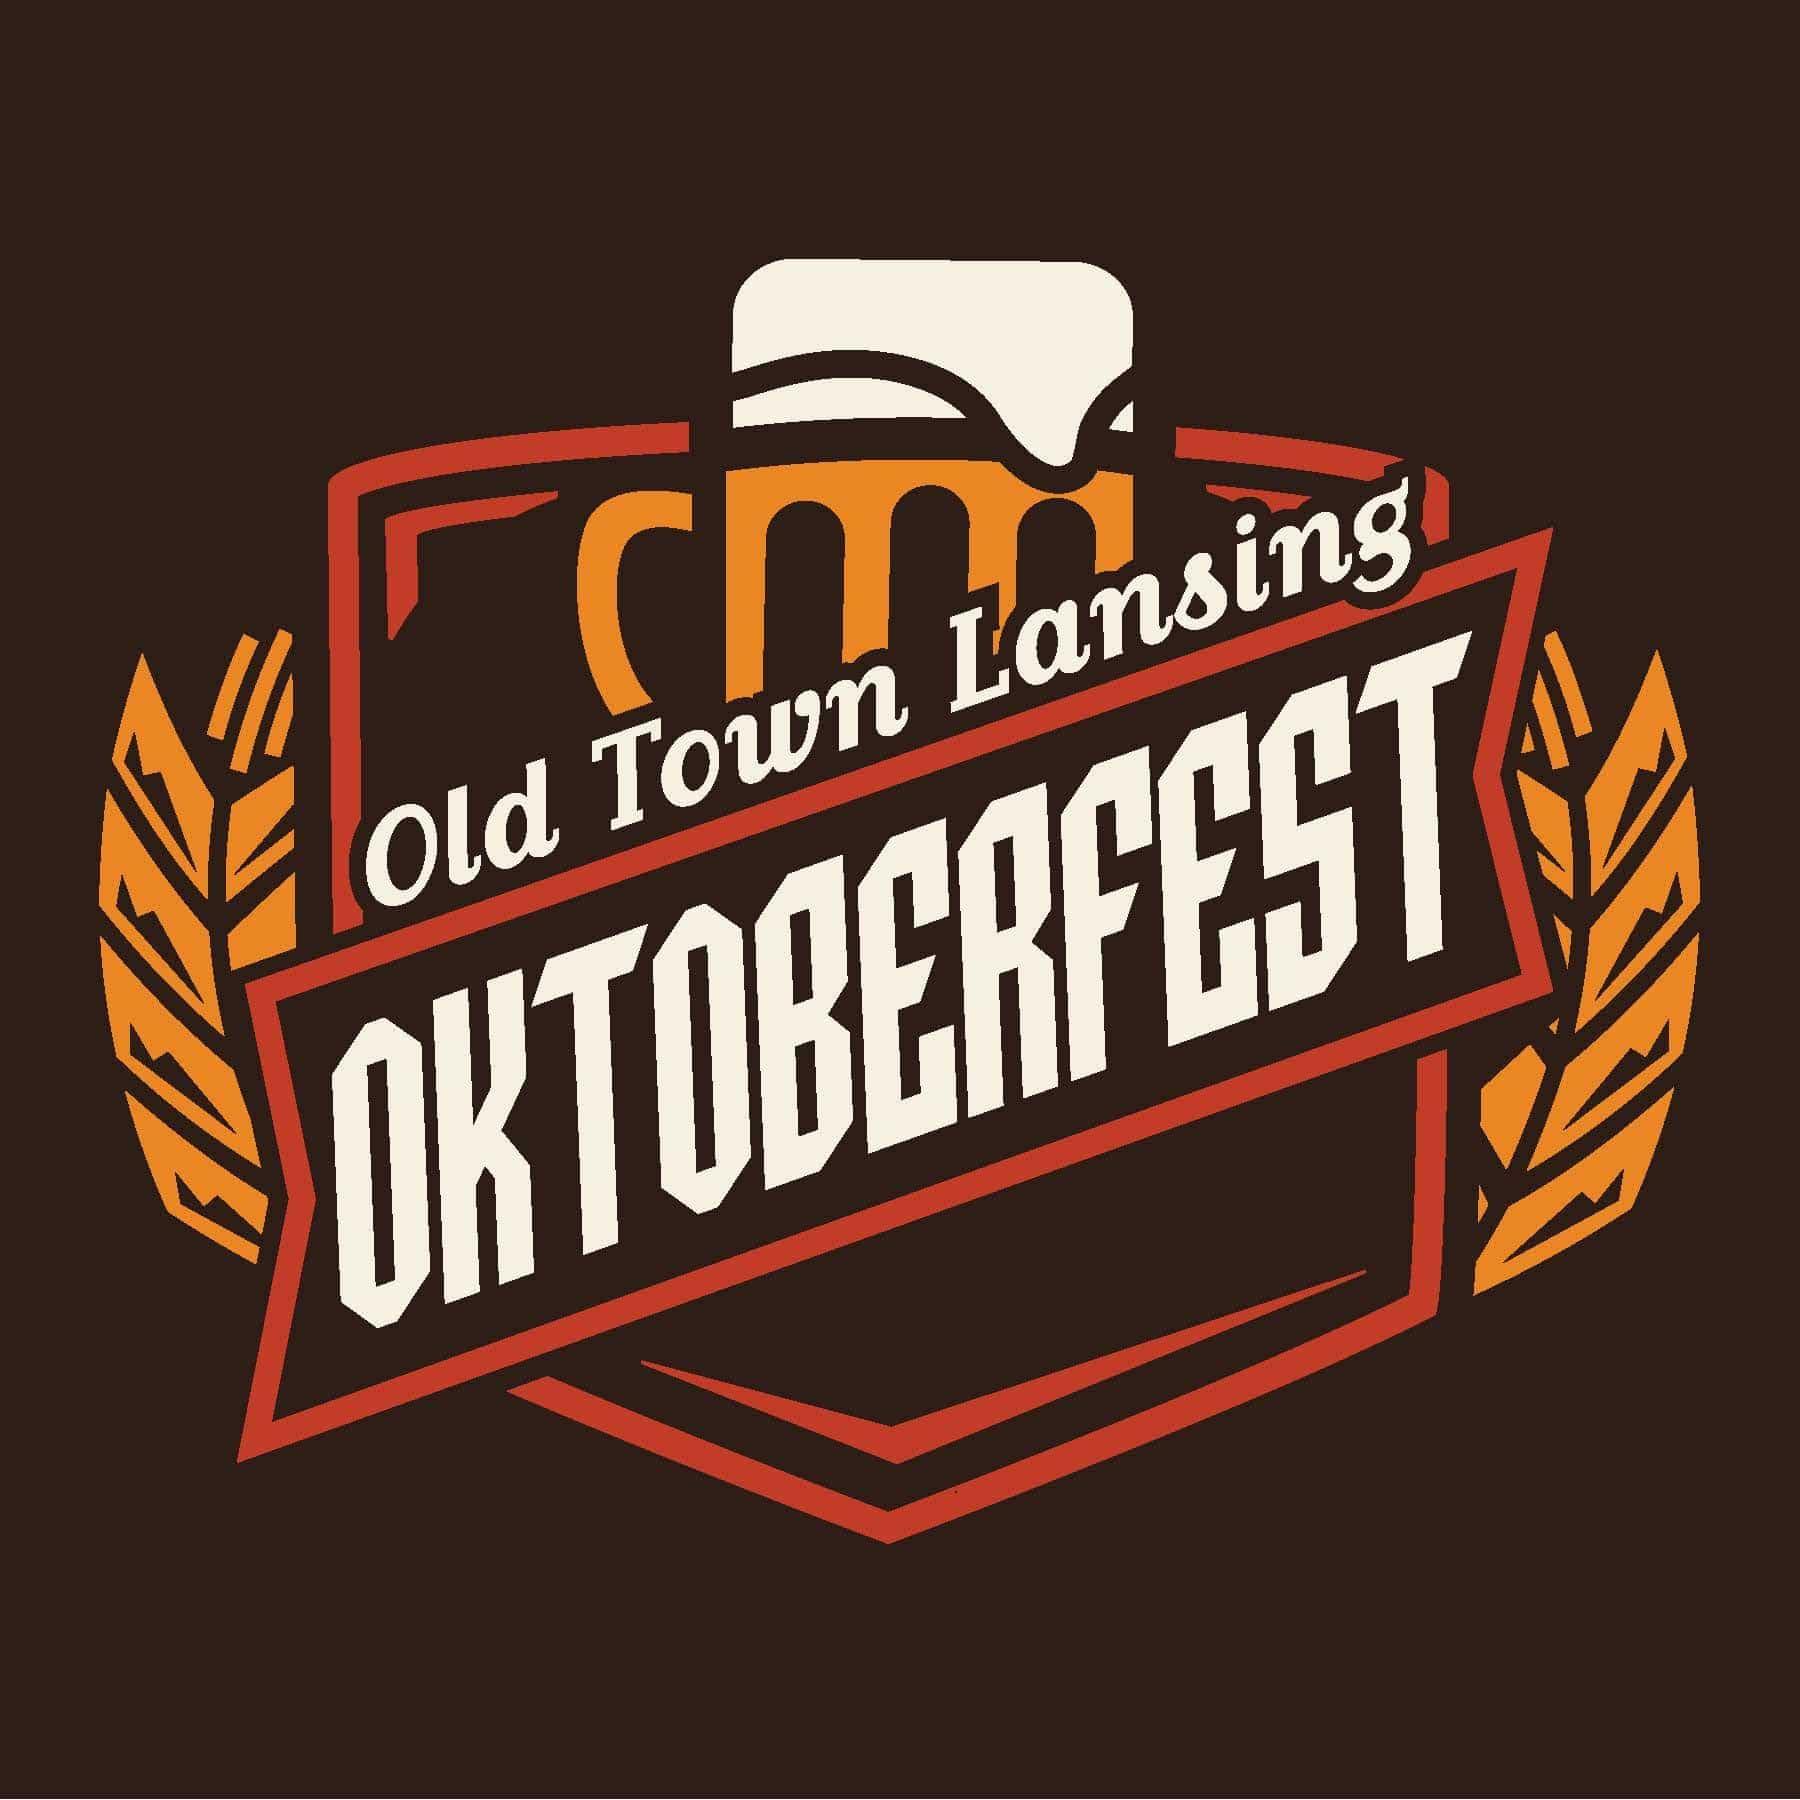 Old Town Oktoberfest 2017